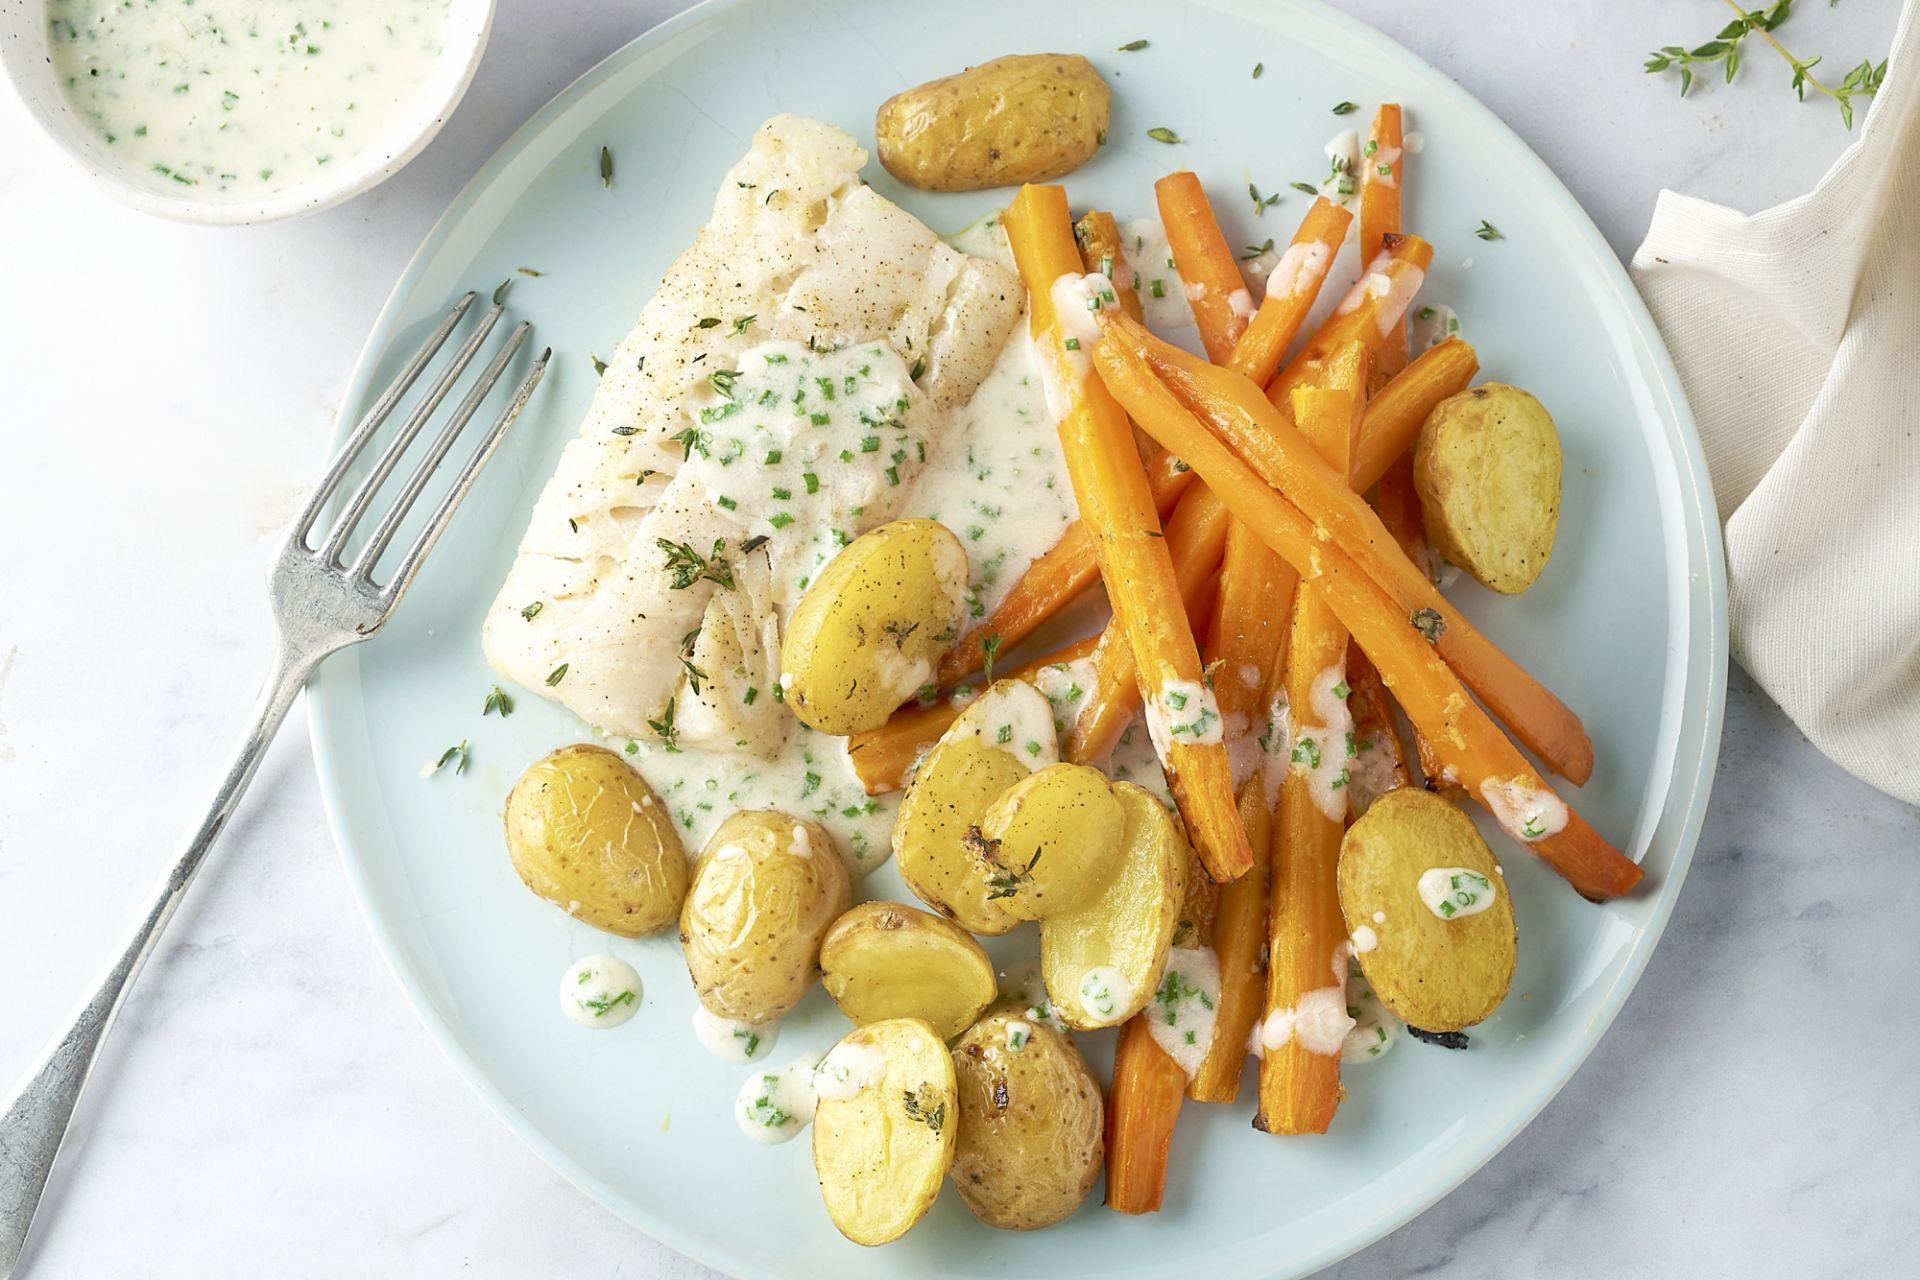 Witte visfilet met bieslooksaus, wortelen en krieltjes uit de oven